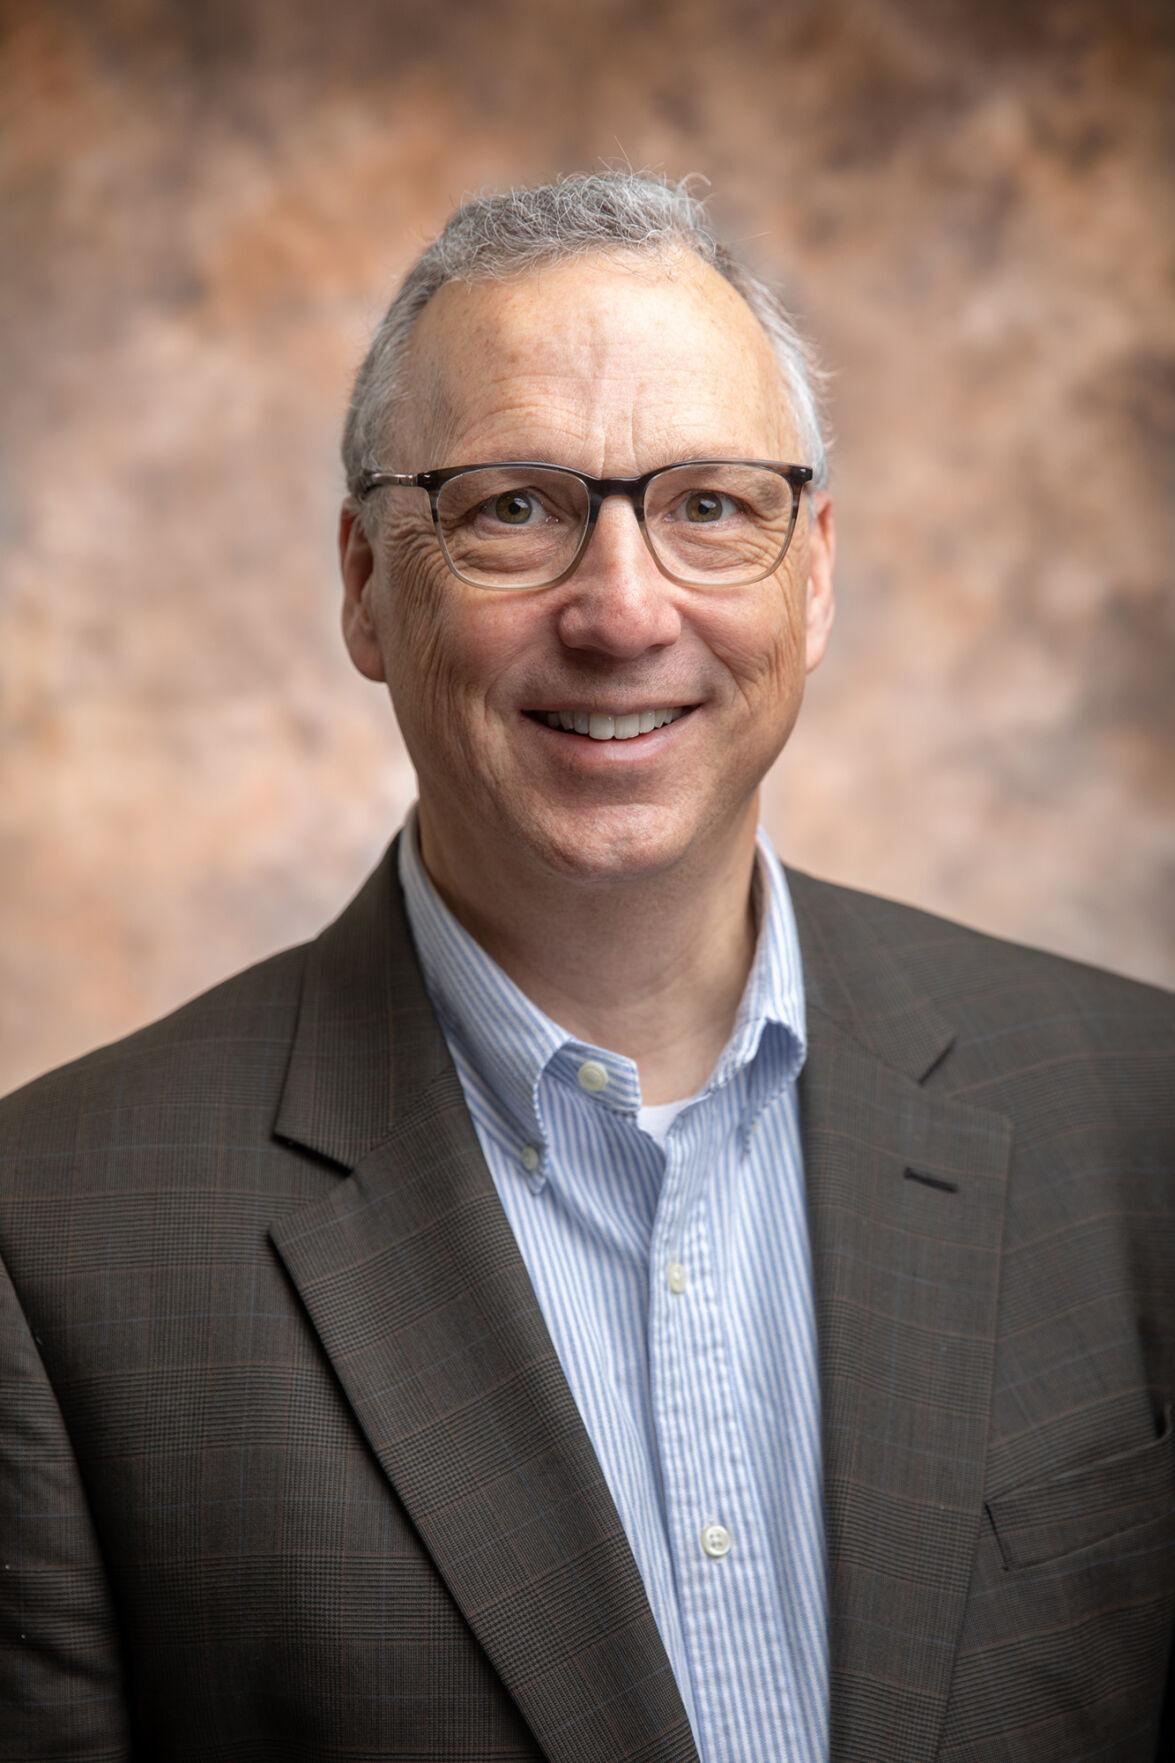 Doug Luciani